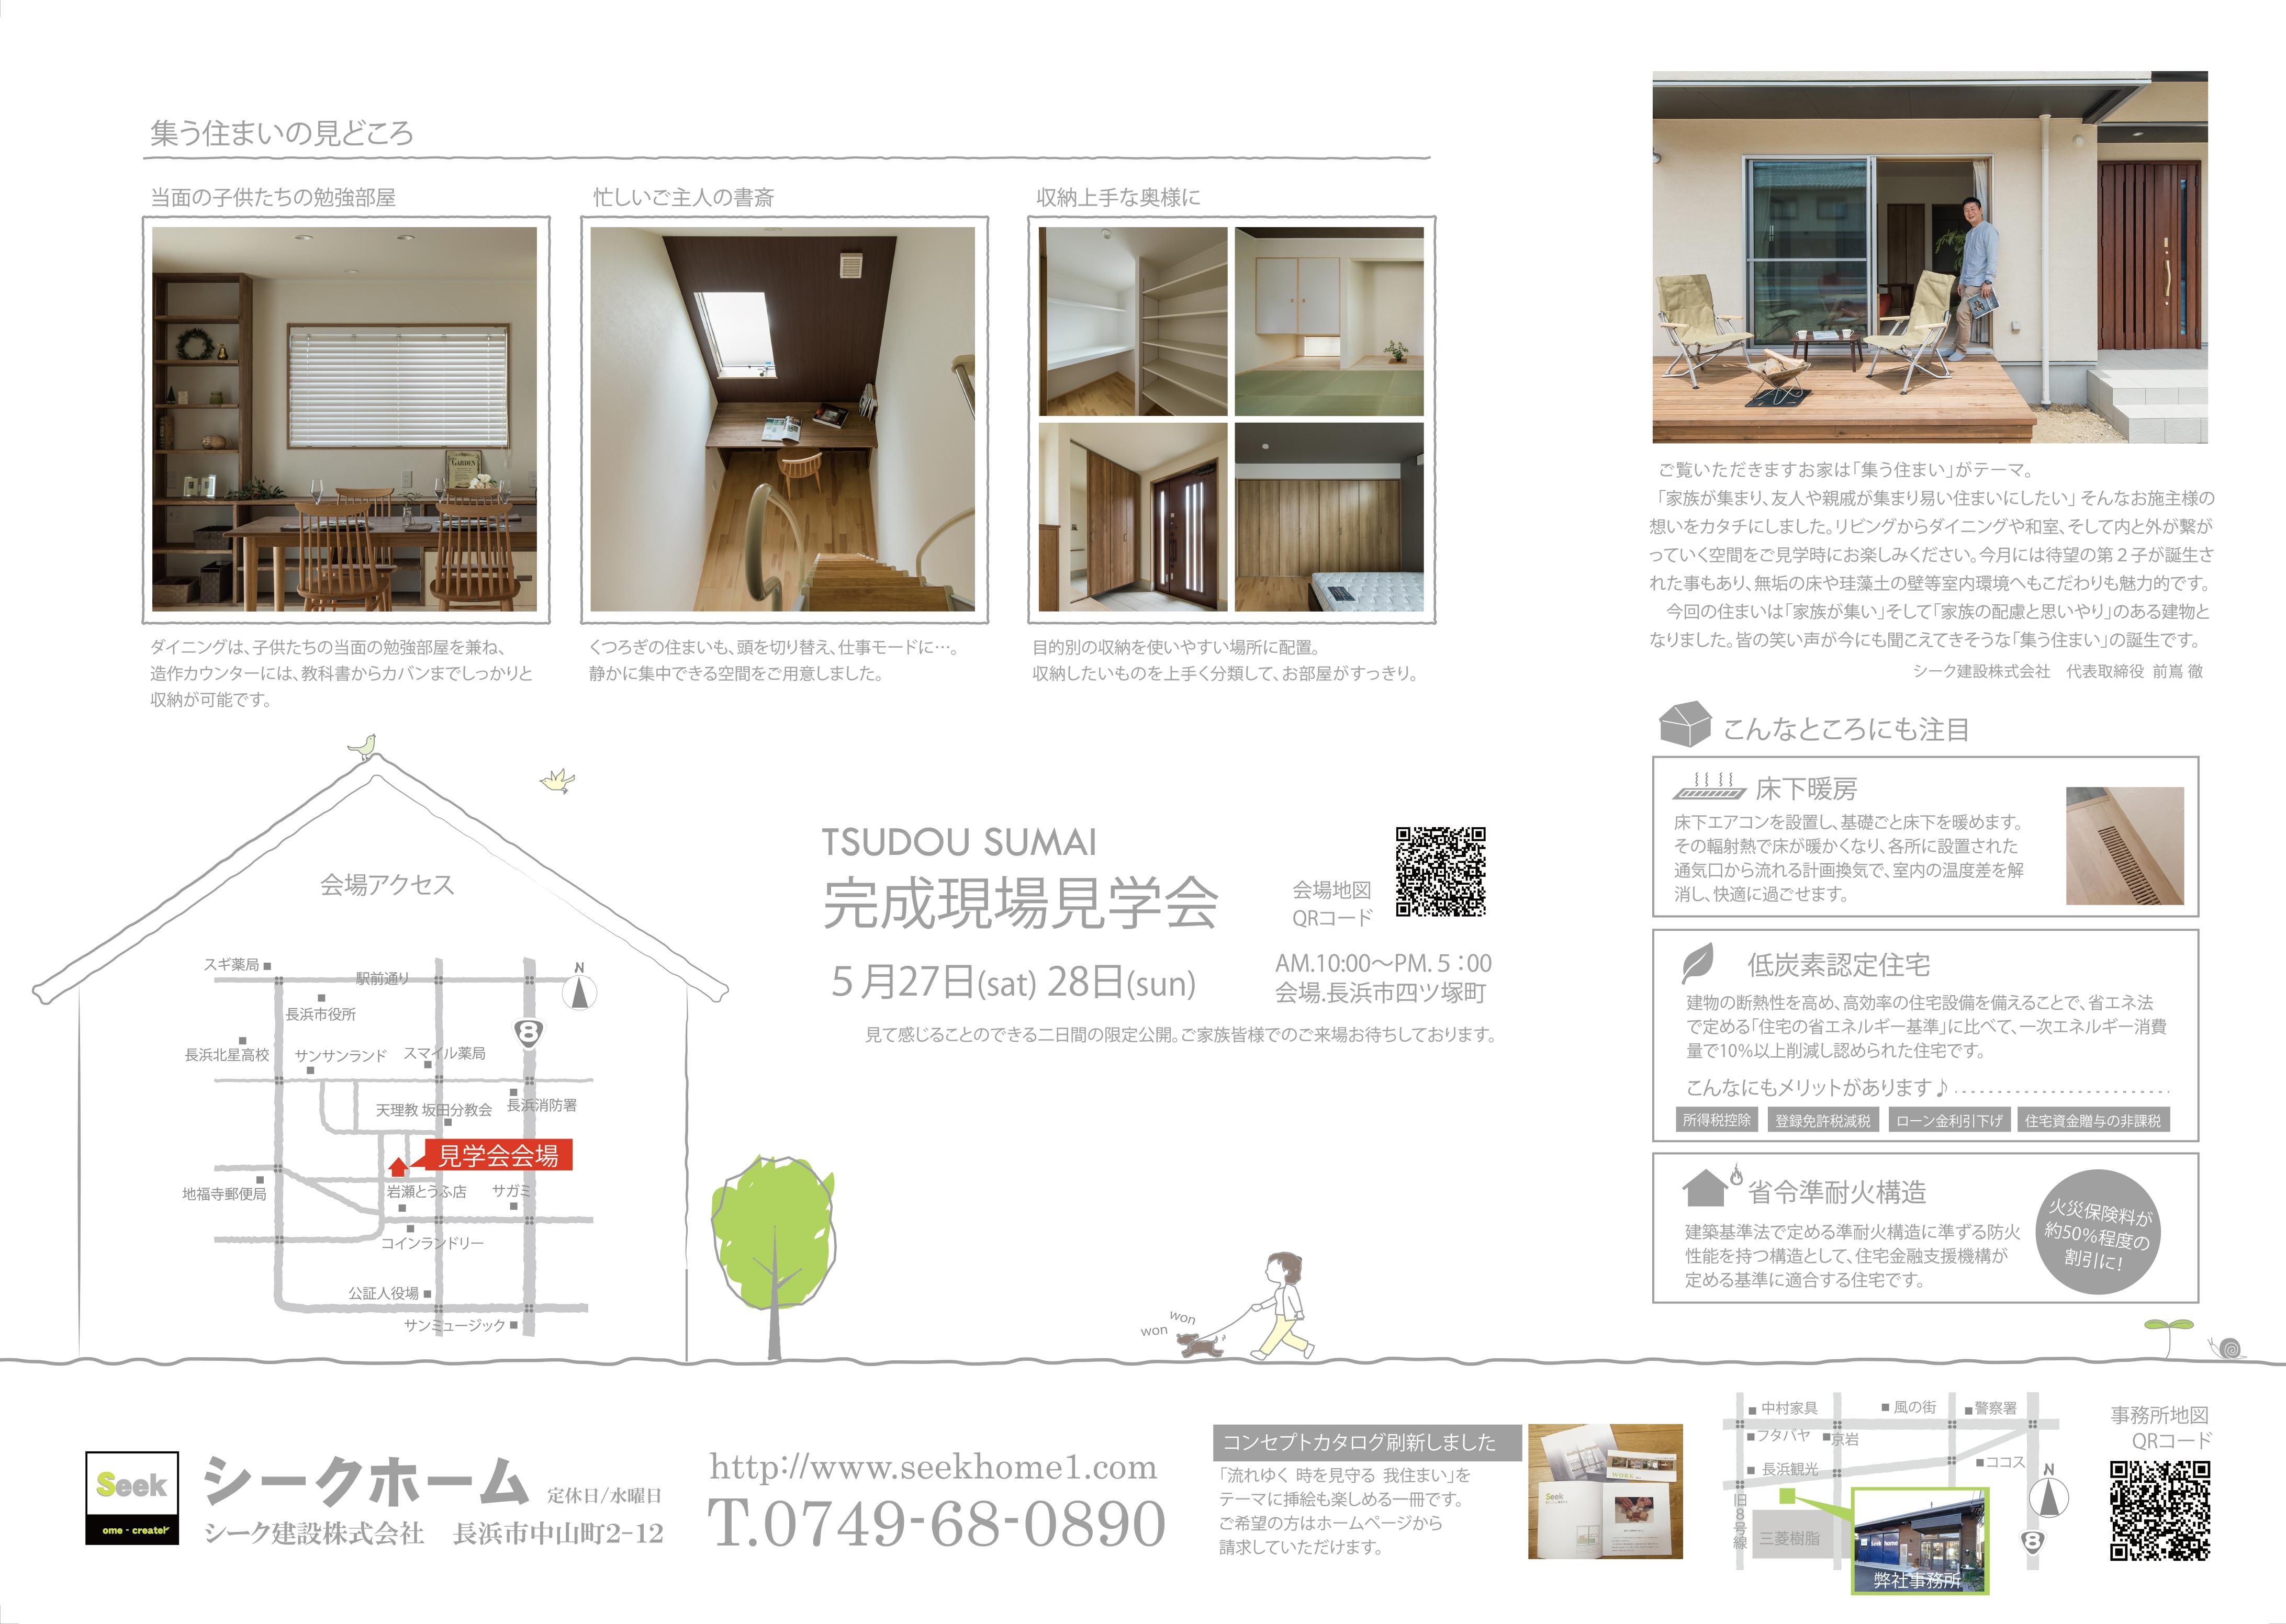 田中邸見学会チラシ2.jpg